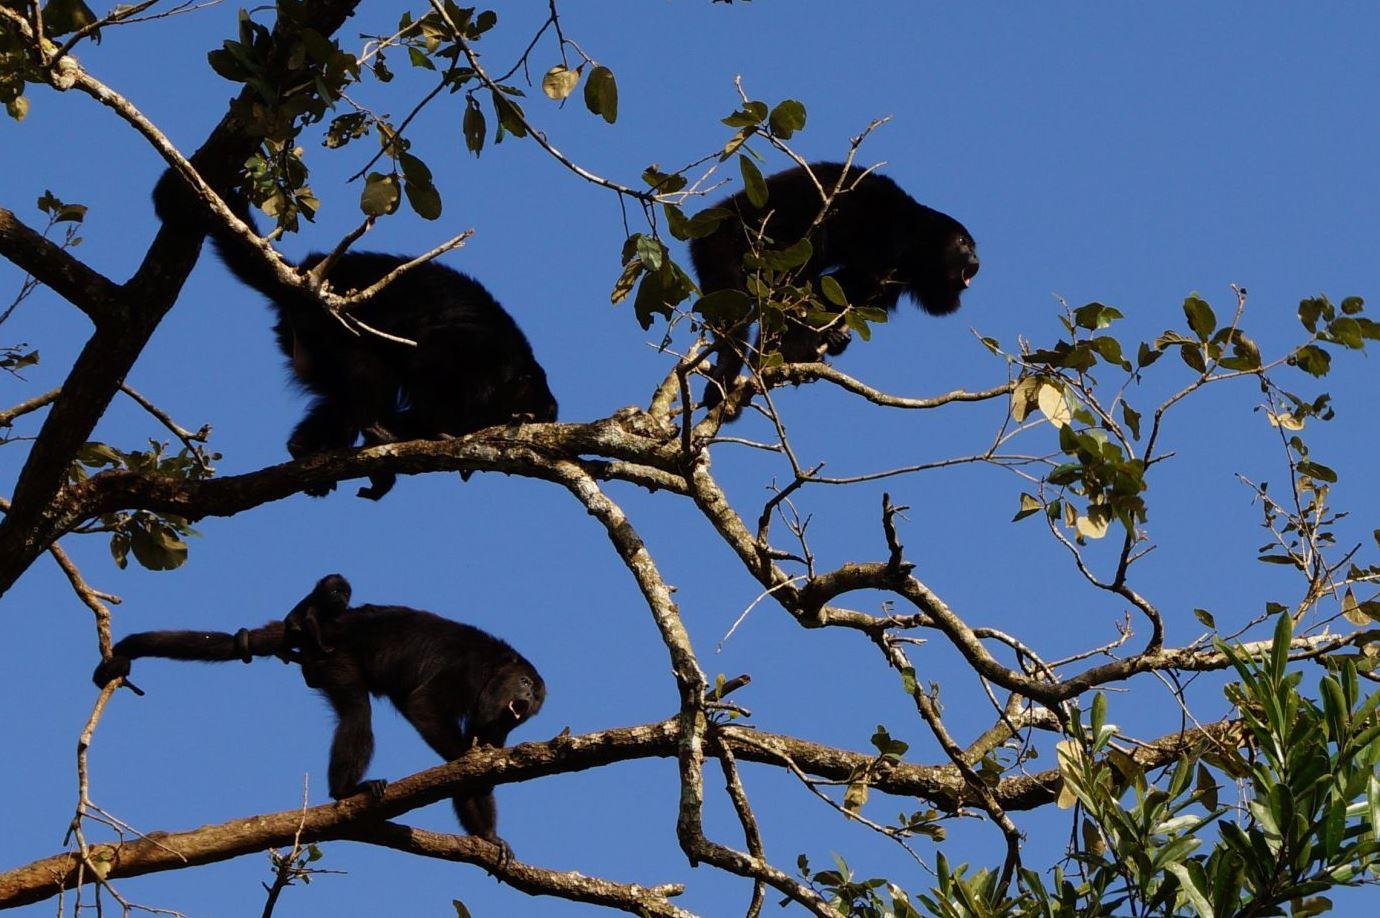 Guatelama - maimute in jungla